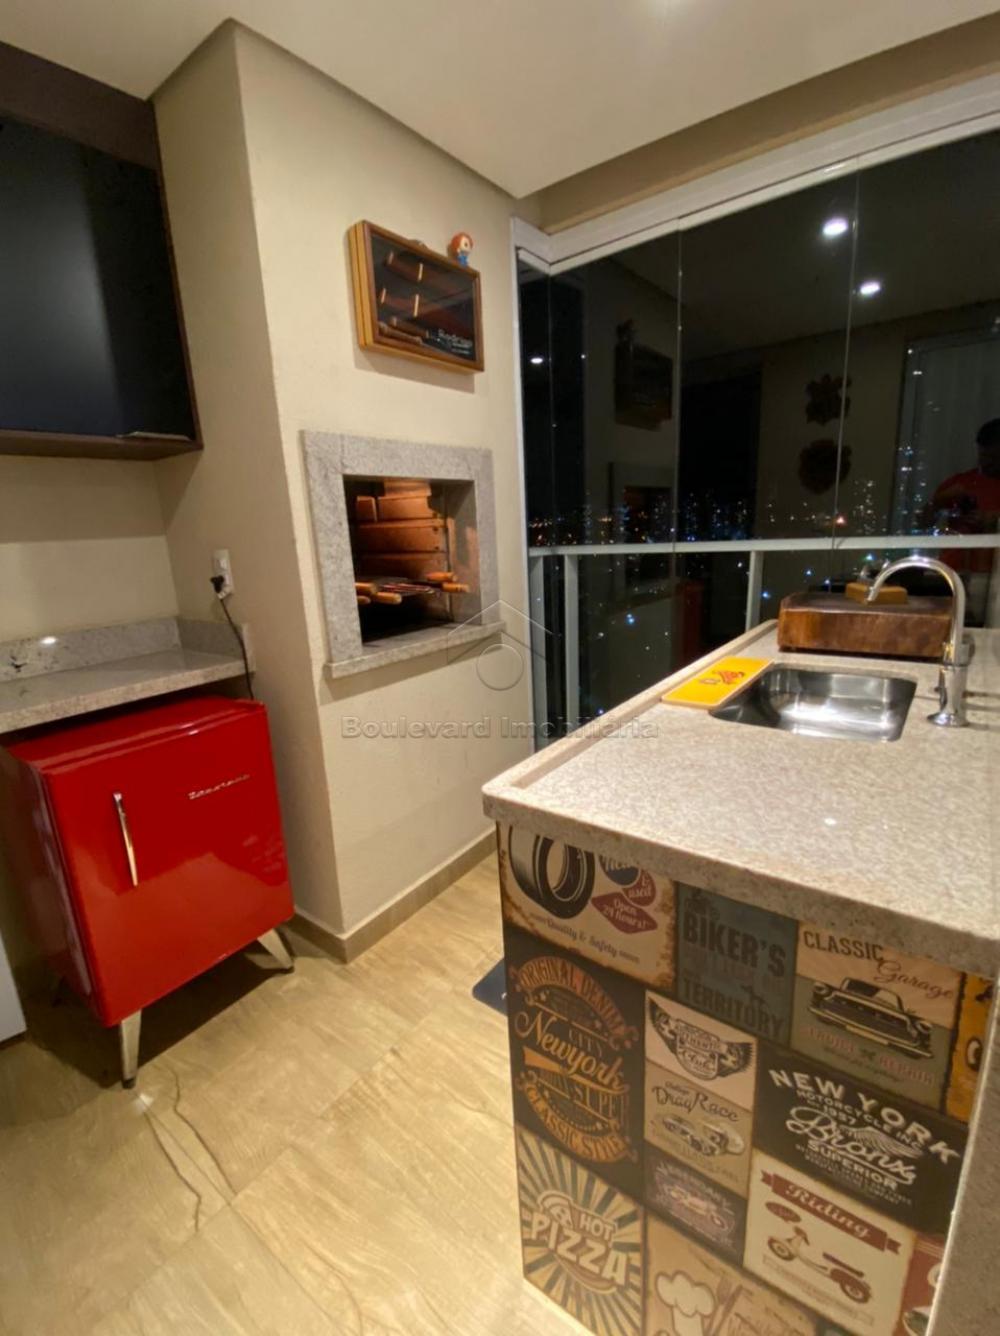 Comprar Apartamento / Padrão em Ribeirão Preto R$ 790.000,00 - Foto 3